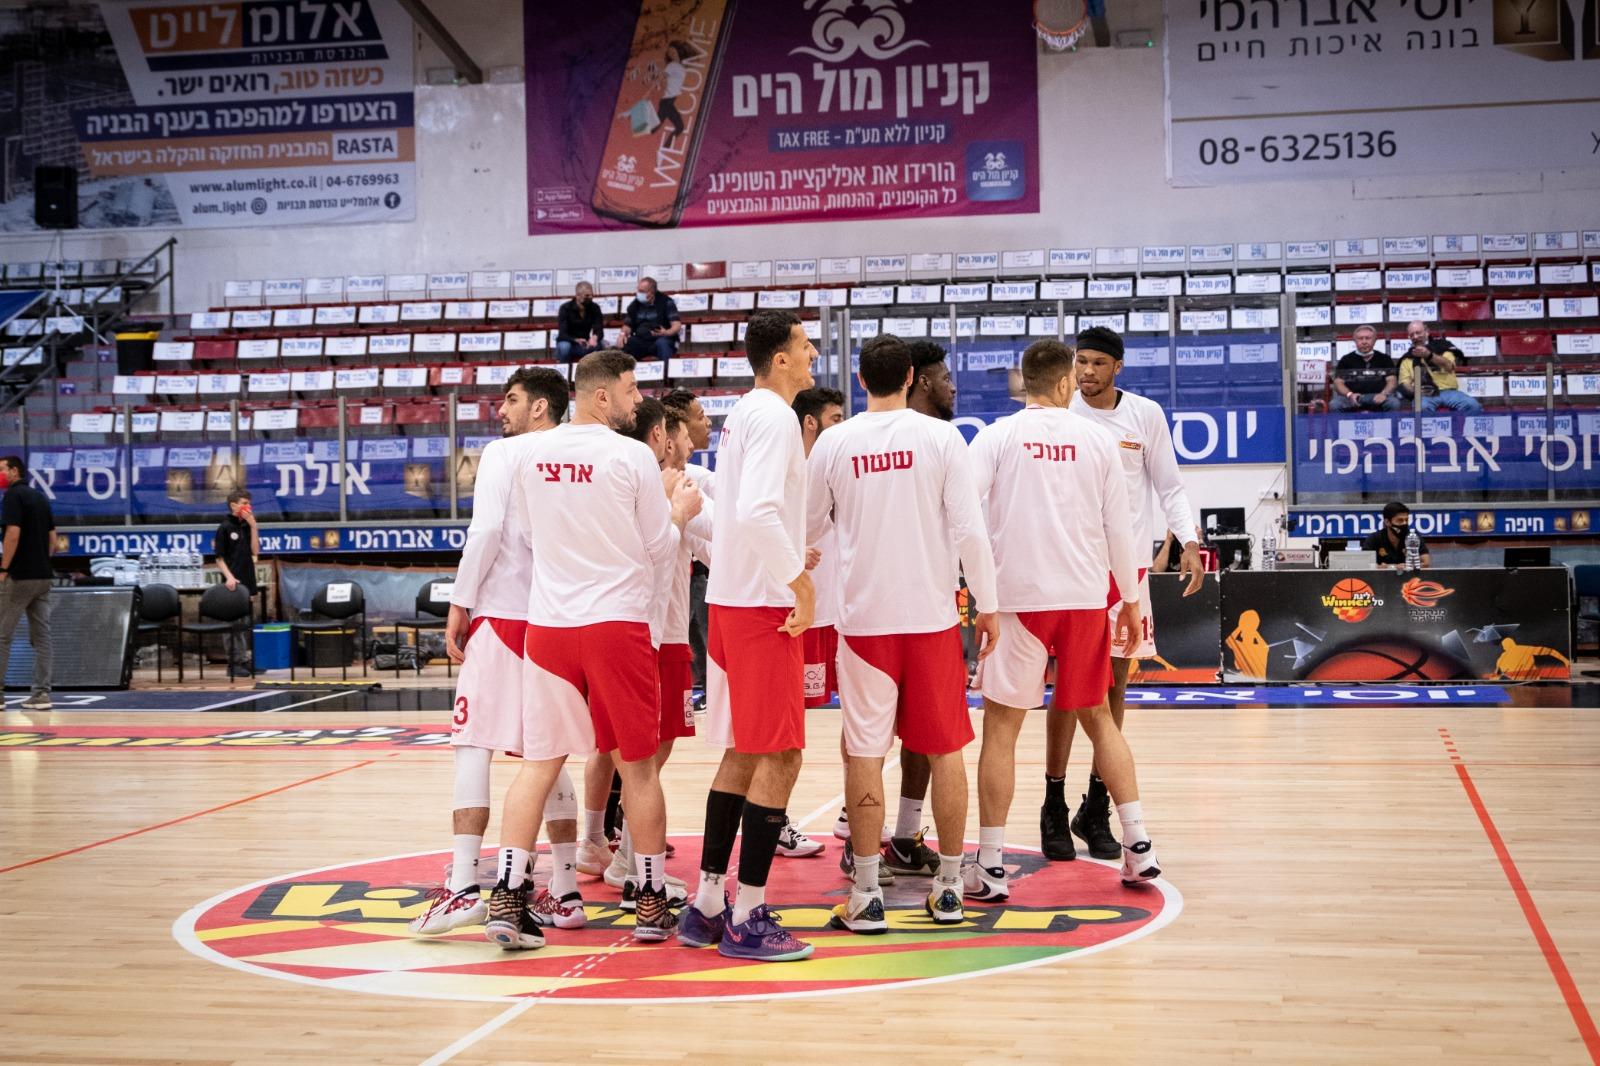 גלבוע נוצחה באילת 89:75 - הפנים קדימה מול הפ.חיפה בחמישי הקרוב